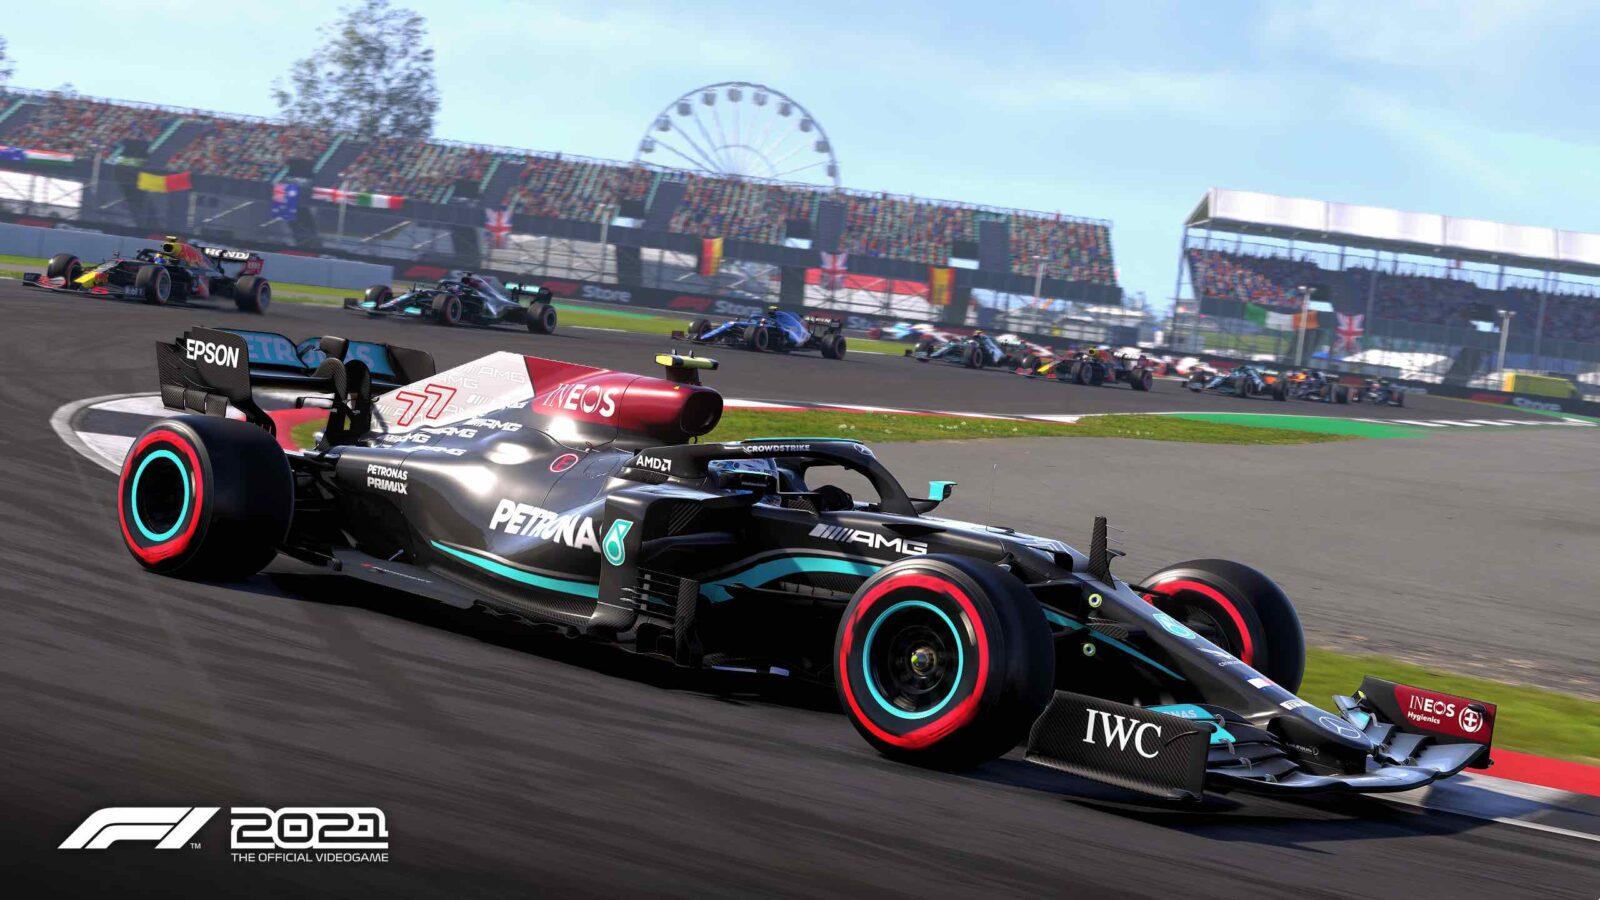 Nuovi circuiti in arrivo su F1 2021: ecco quali thumbnail